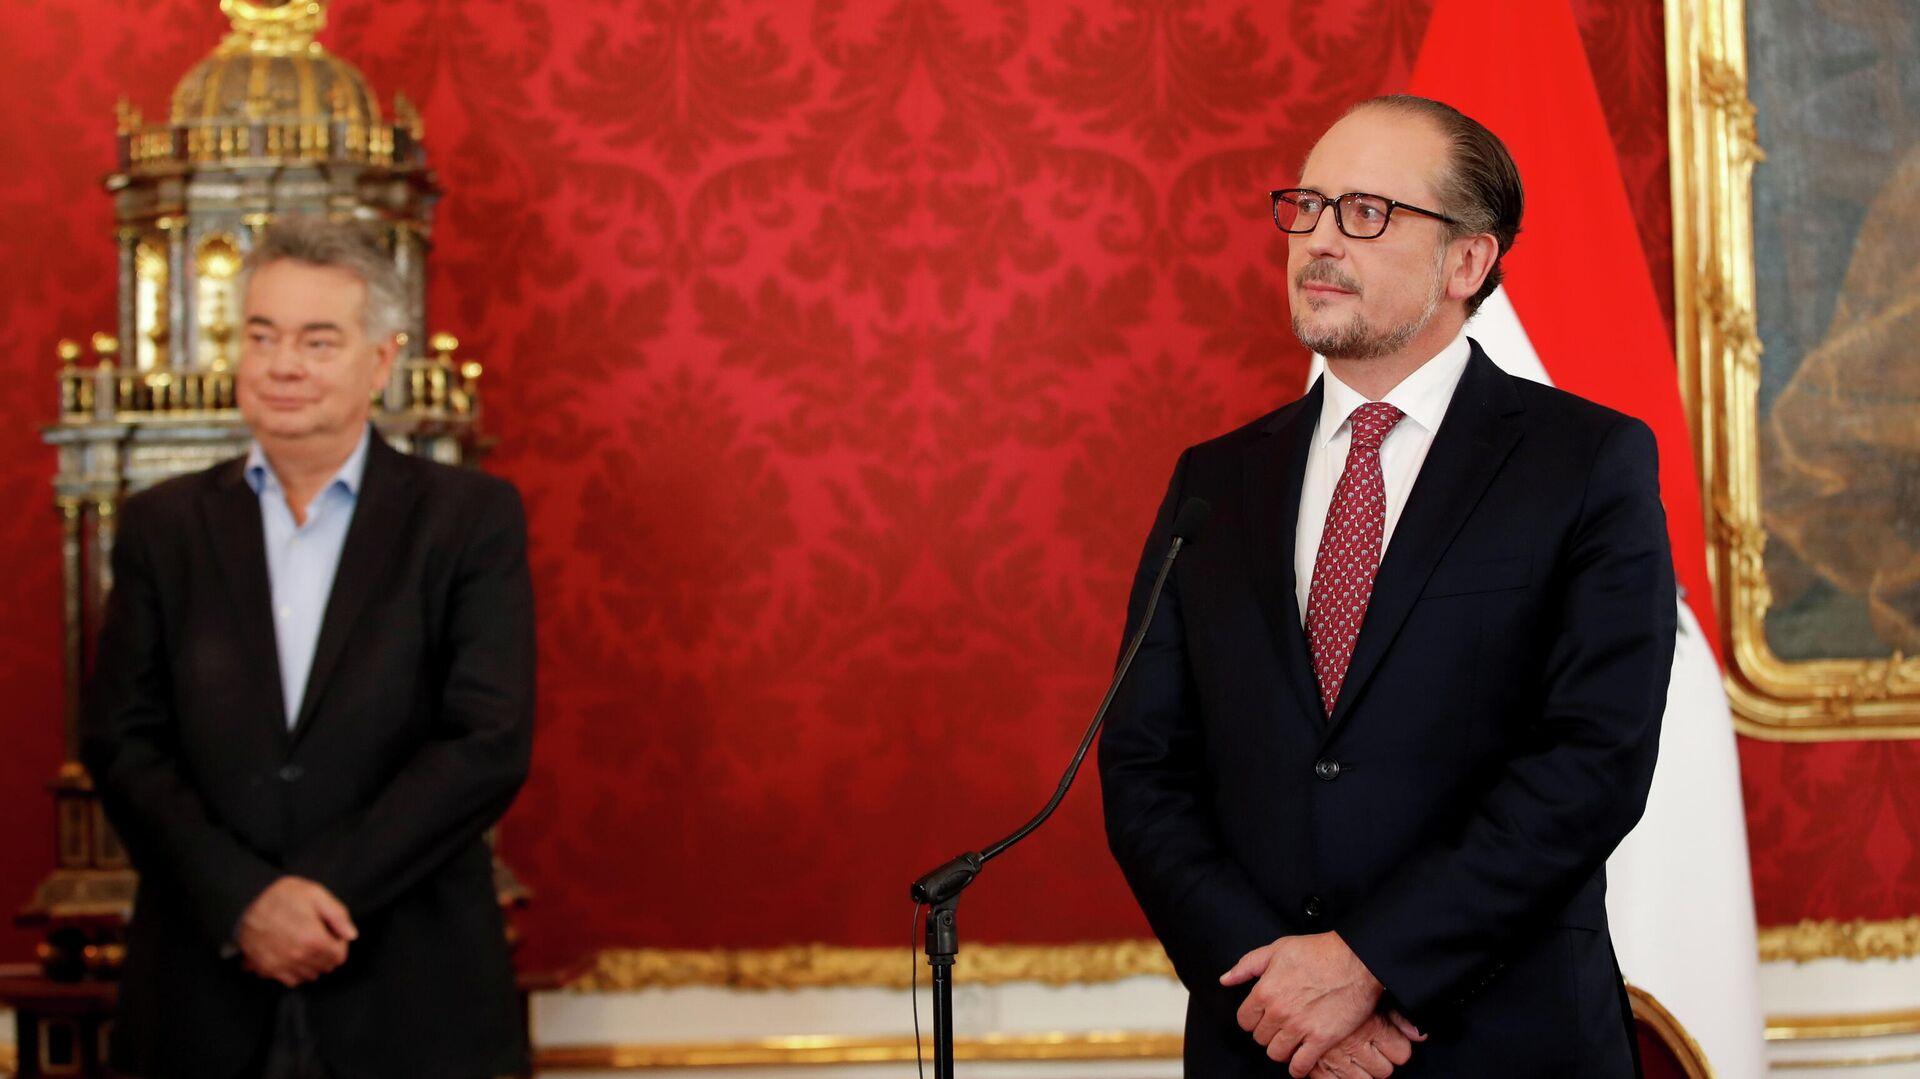 Назначенный канцлер Австрии Александер Шалленберг и вице-канцлер Вернер Когле на церемонии приведения к присяге во дворце Хофбург в Вене - РИА Новости, 1920, 13.10.2021